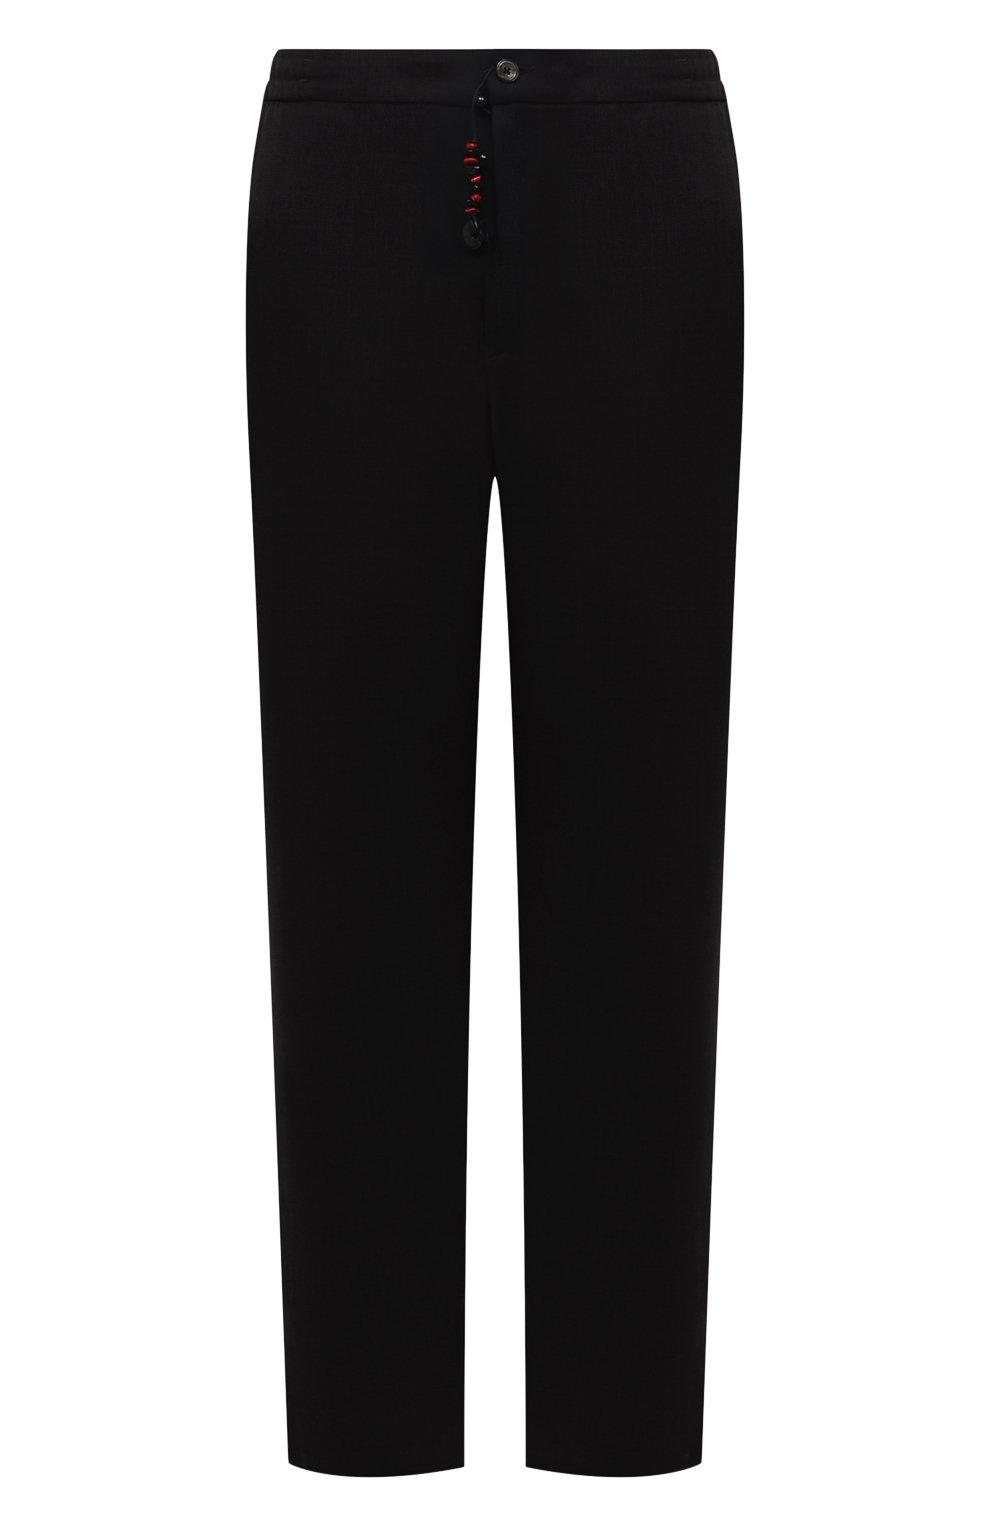 Мужские брюки из шерсти и кашемира MARCO PESCAROLO черного цвета, арт. CHIAIAM/ZIP+SFILA/4438 | Фото 1 (Материал внешний: Шерсть, Кашемир; Длина (брюки, джинсы): Стандартные; Случай: Повседневный; Стили: Кэжуэл)